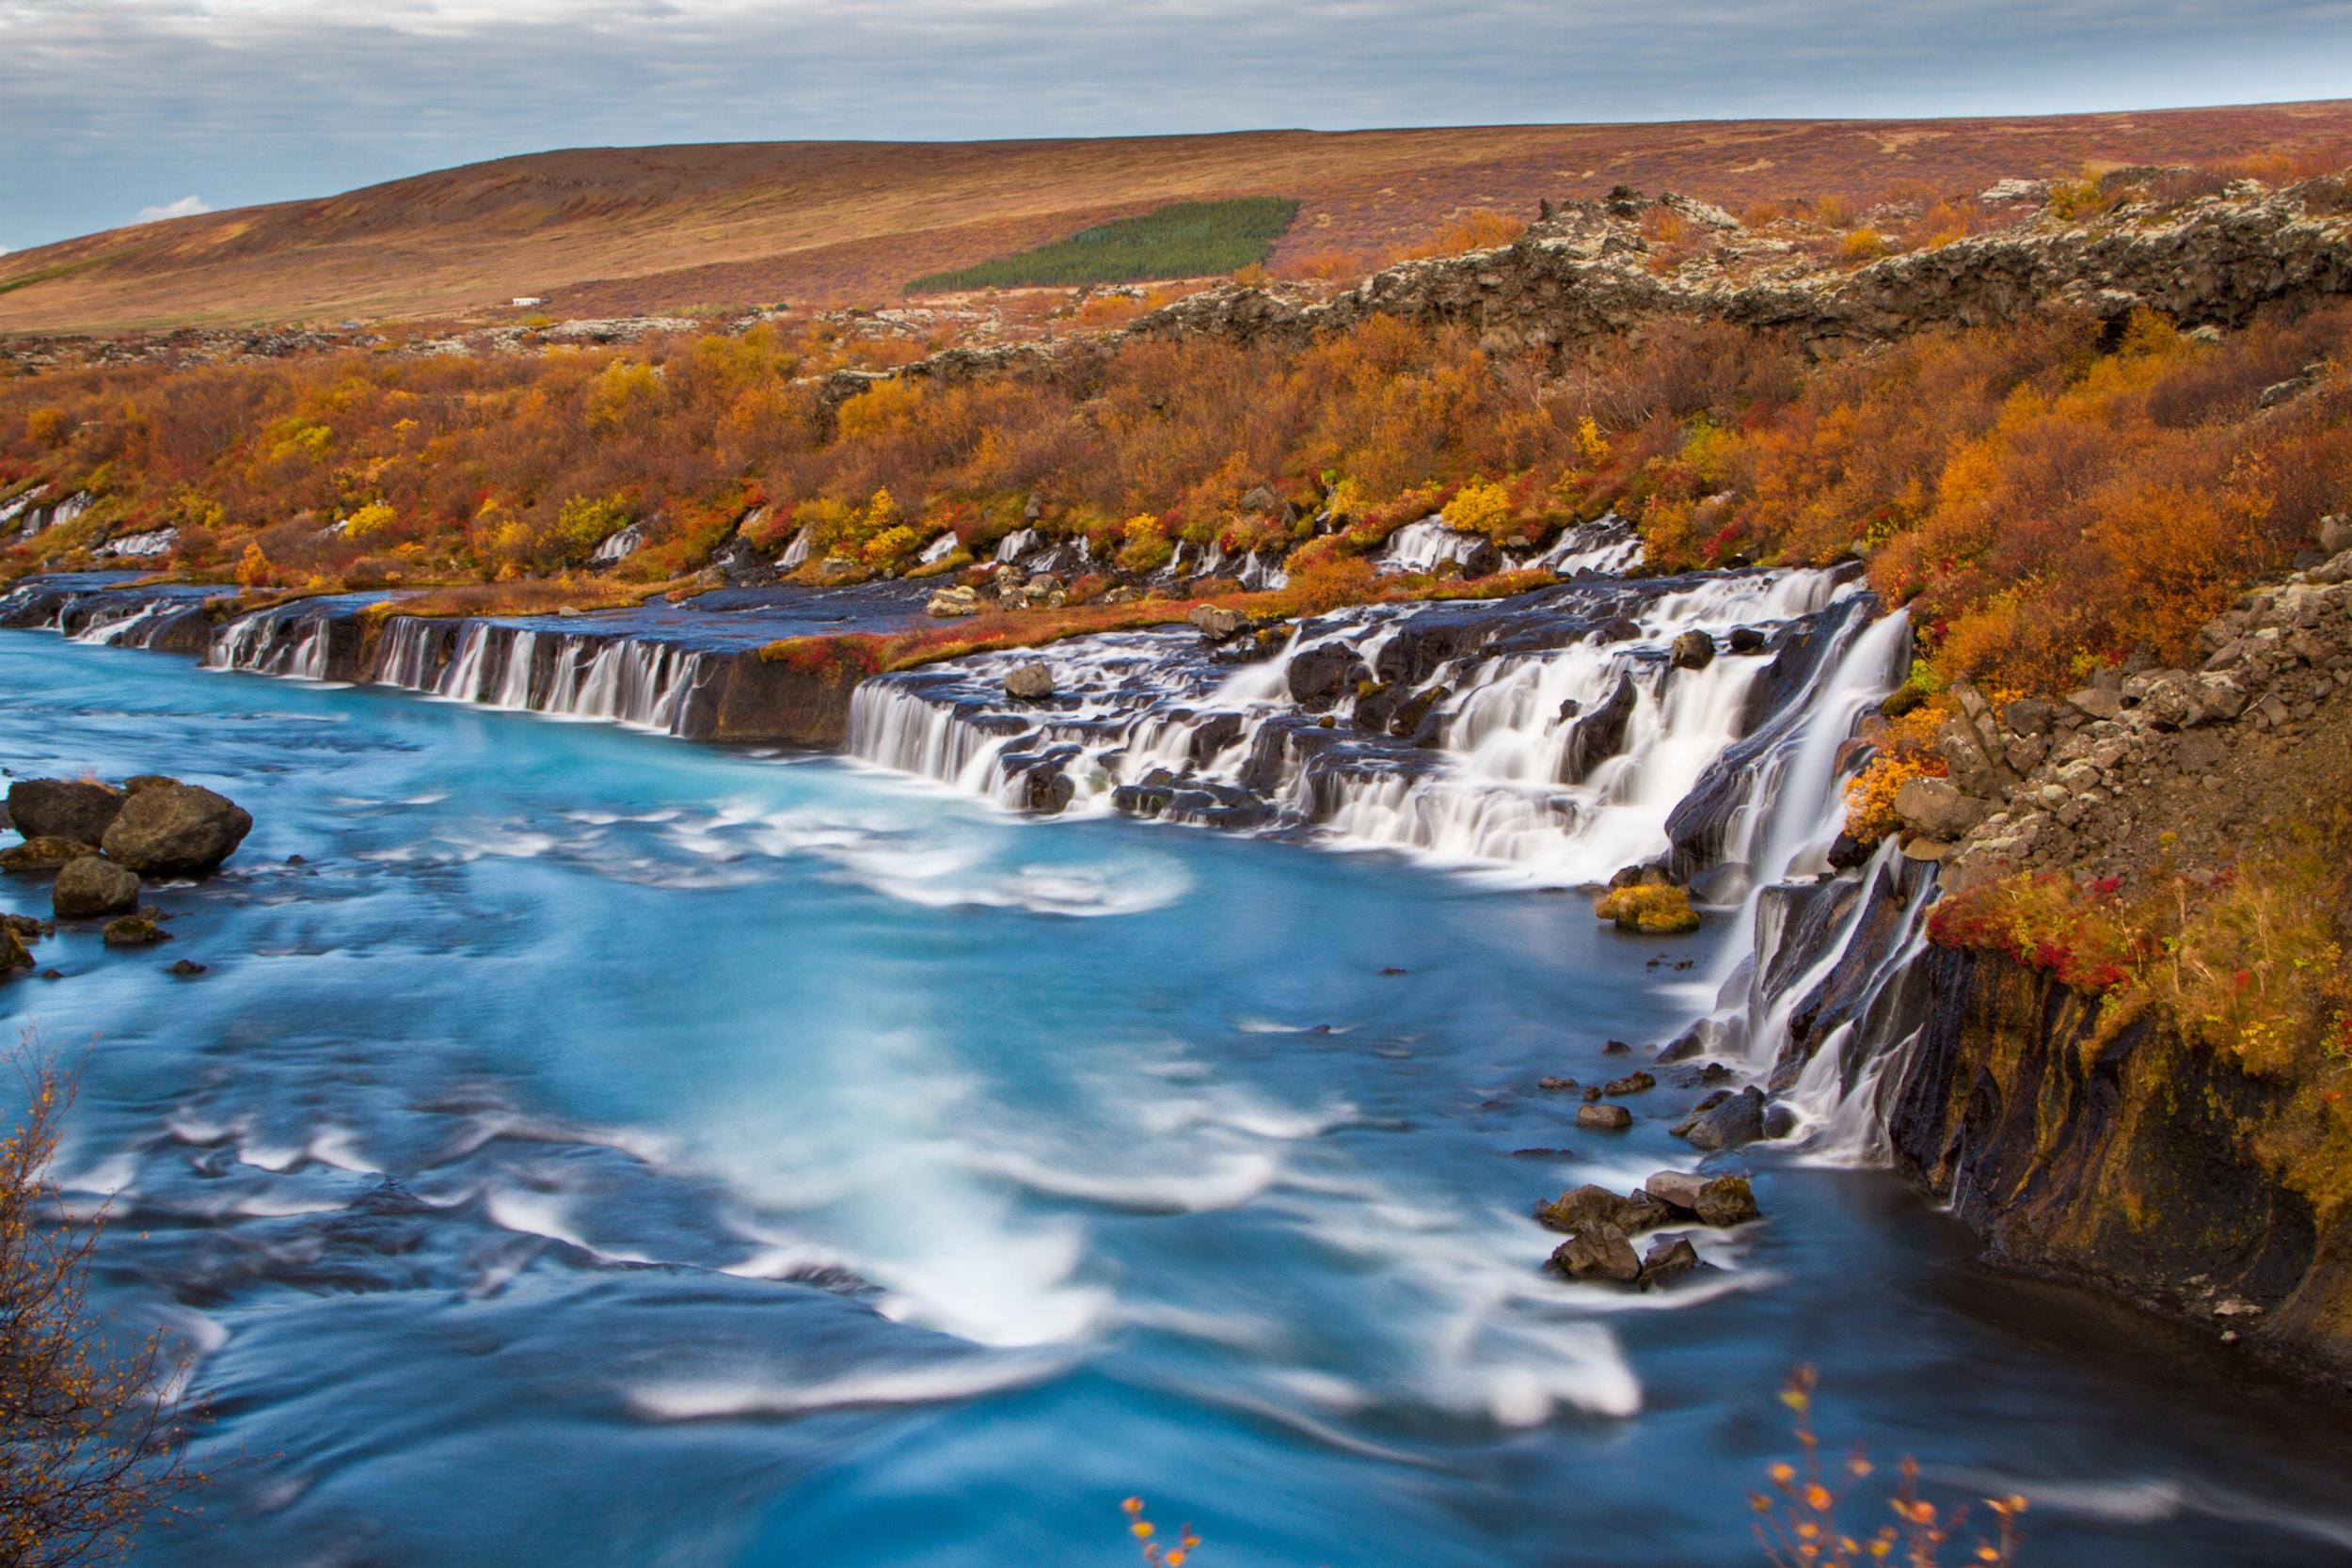 Las cataratas fluyendo en un impresionante río en el oeste de Islandia.